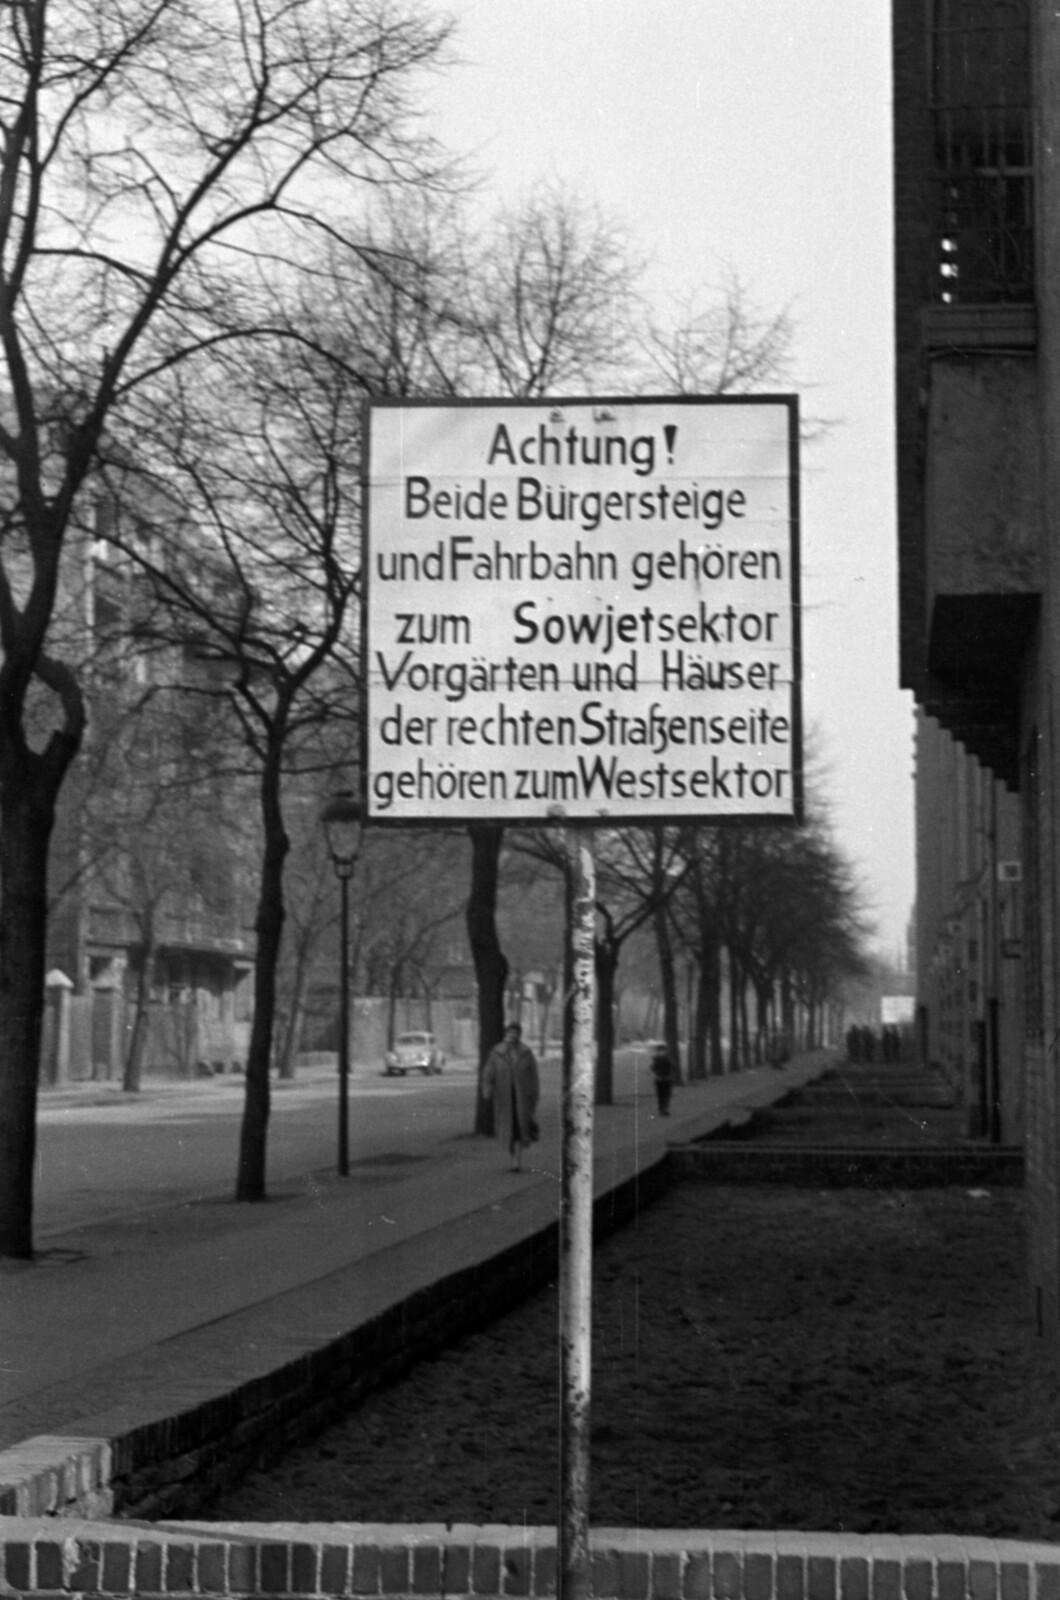 10. 1957. Западный Берлин, Восточный Берлин, Харцерштрассе, напротив Бушештрассе, напротив Хайдельбергерштрассе.